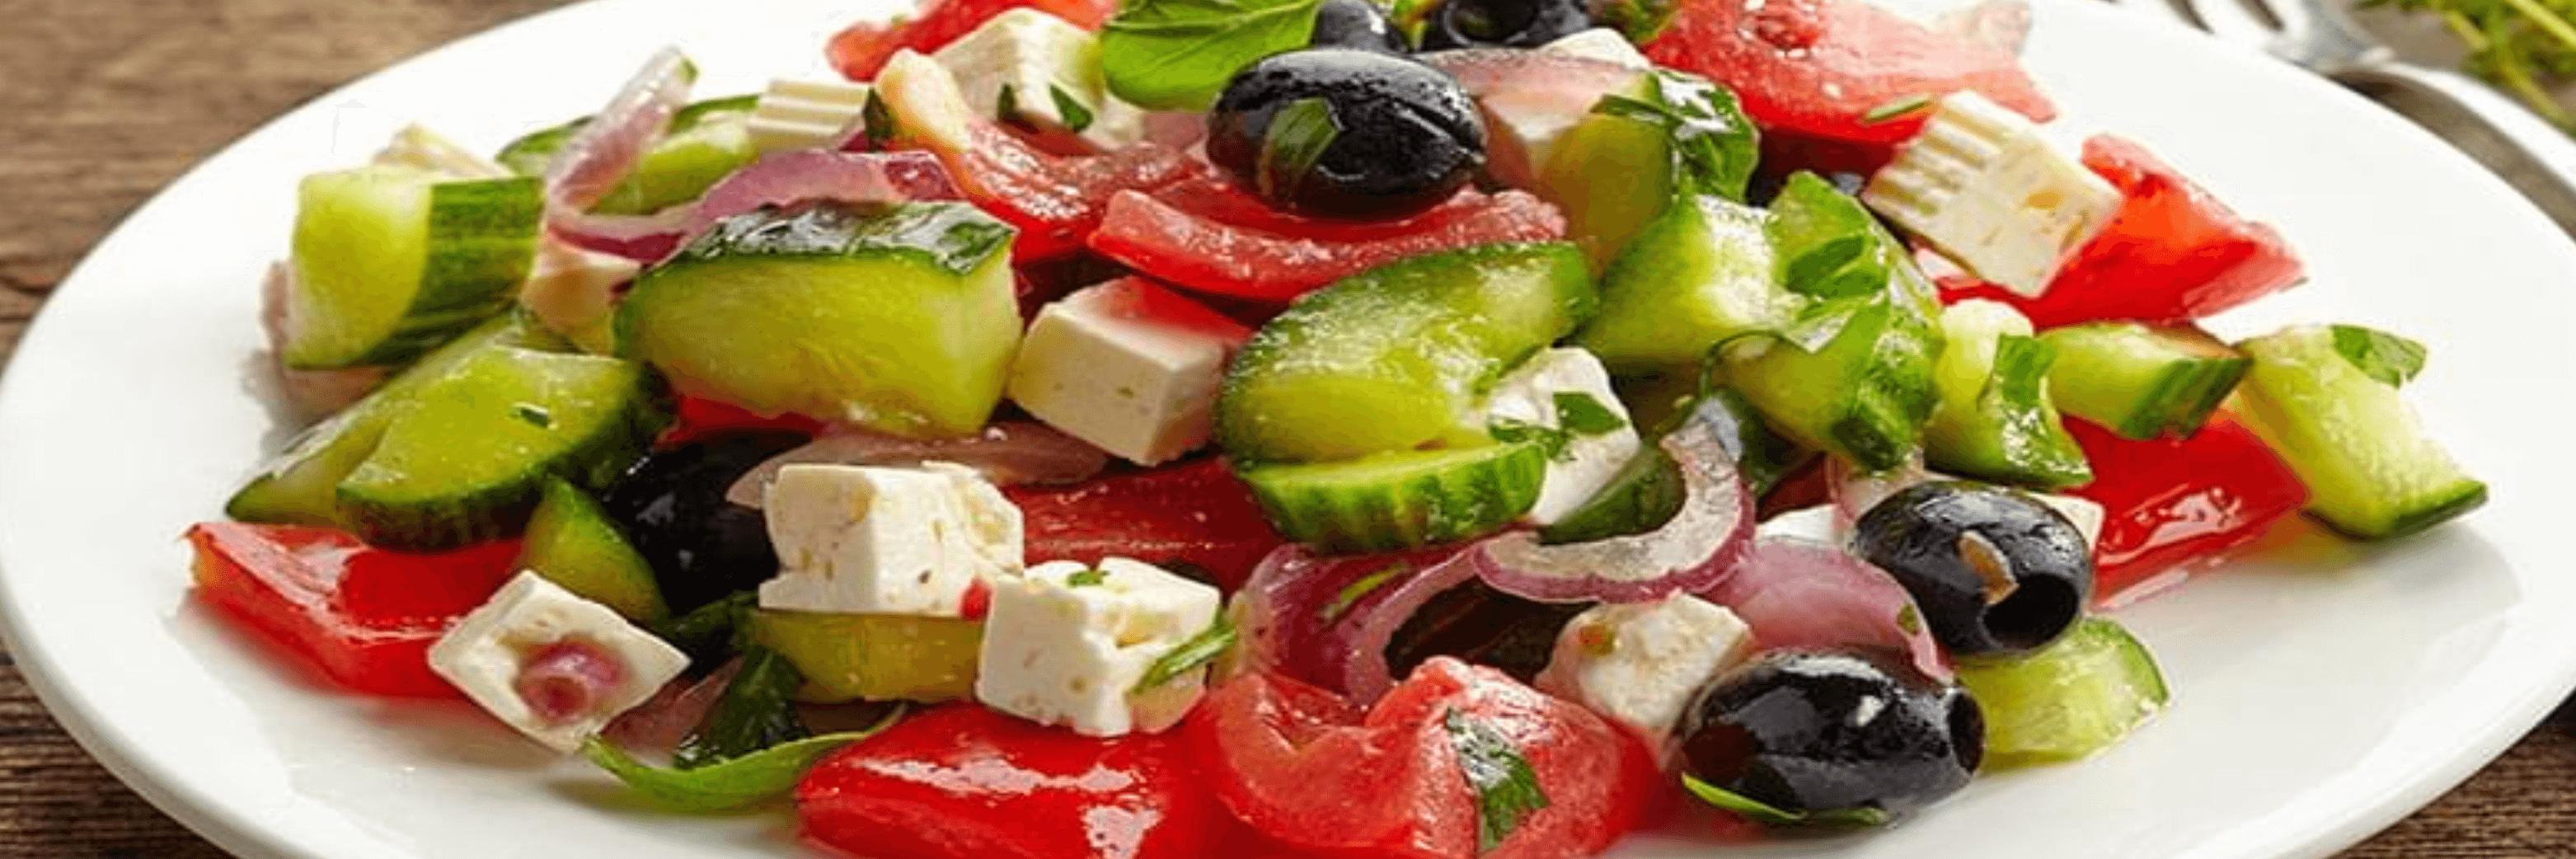 askrike pizza sallad